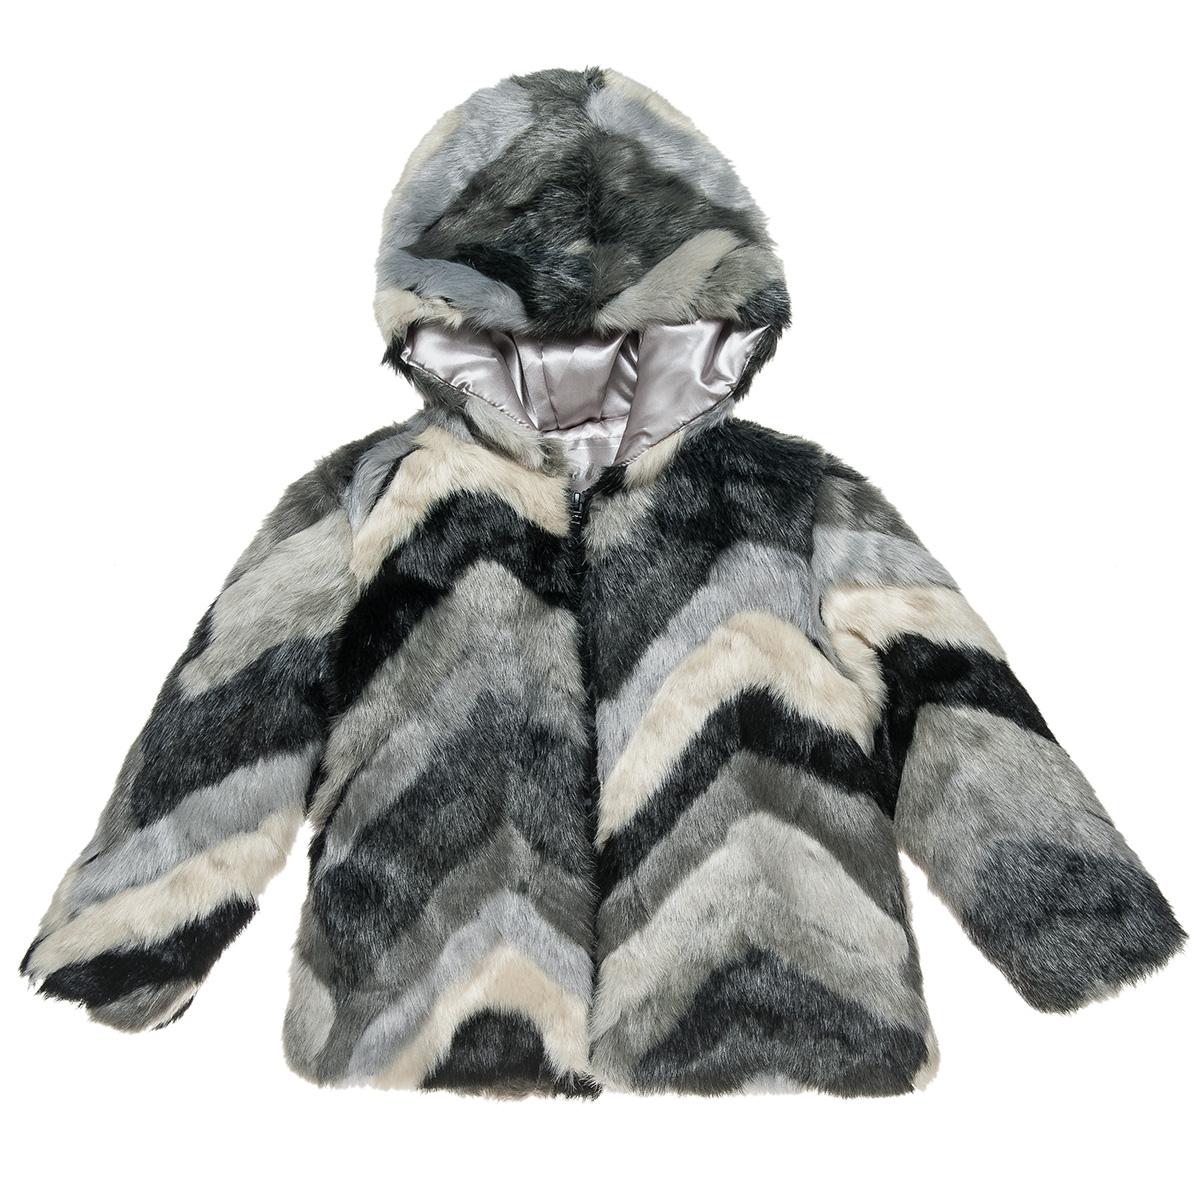 Γούνα με κουκούλα και μοτίβο (Κορίτσι 6-16 ετών) 00961429 - MULTICOLOR - 5502-0025/3/196/111